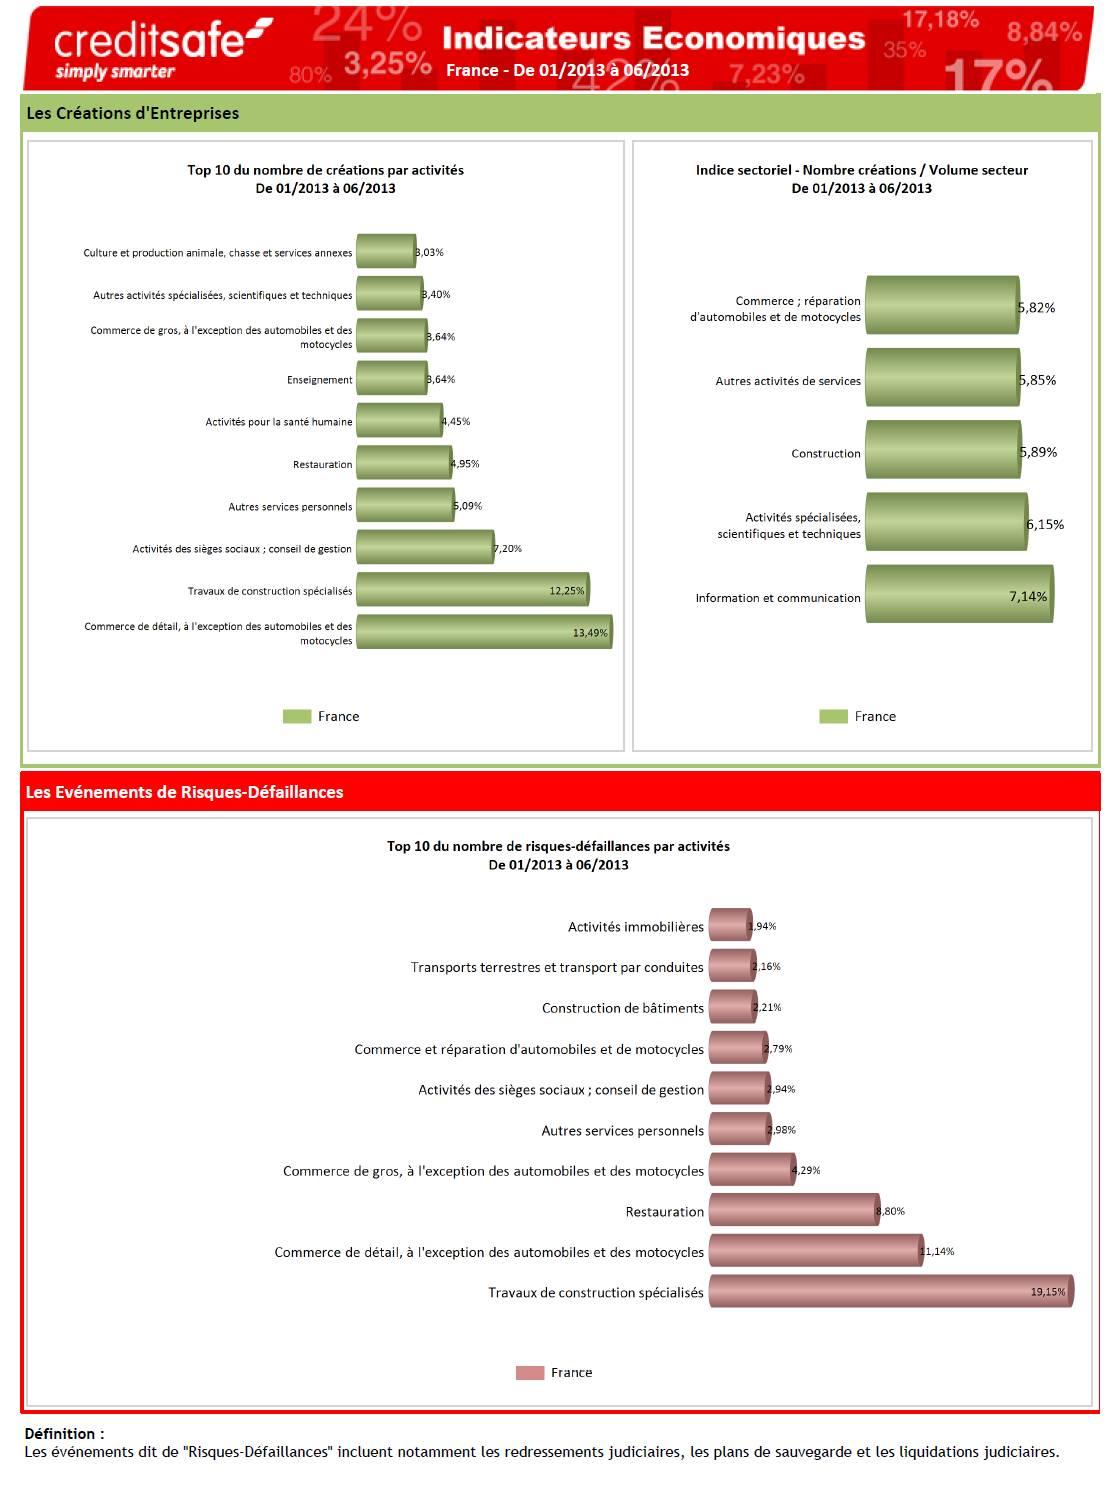 Les baromètres économiques régionaux 2013